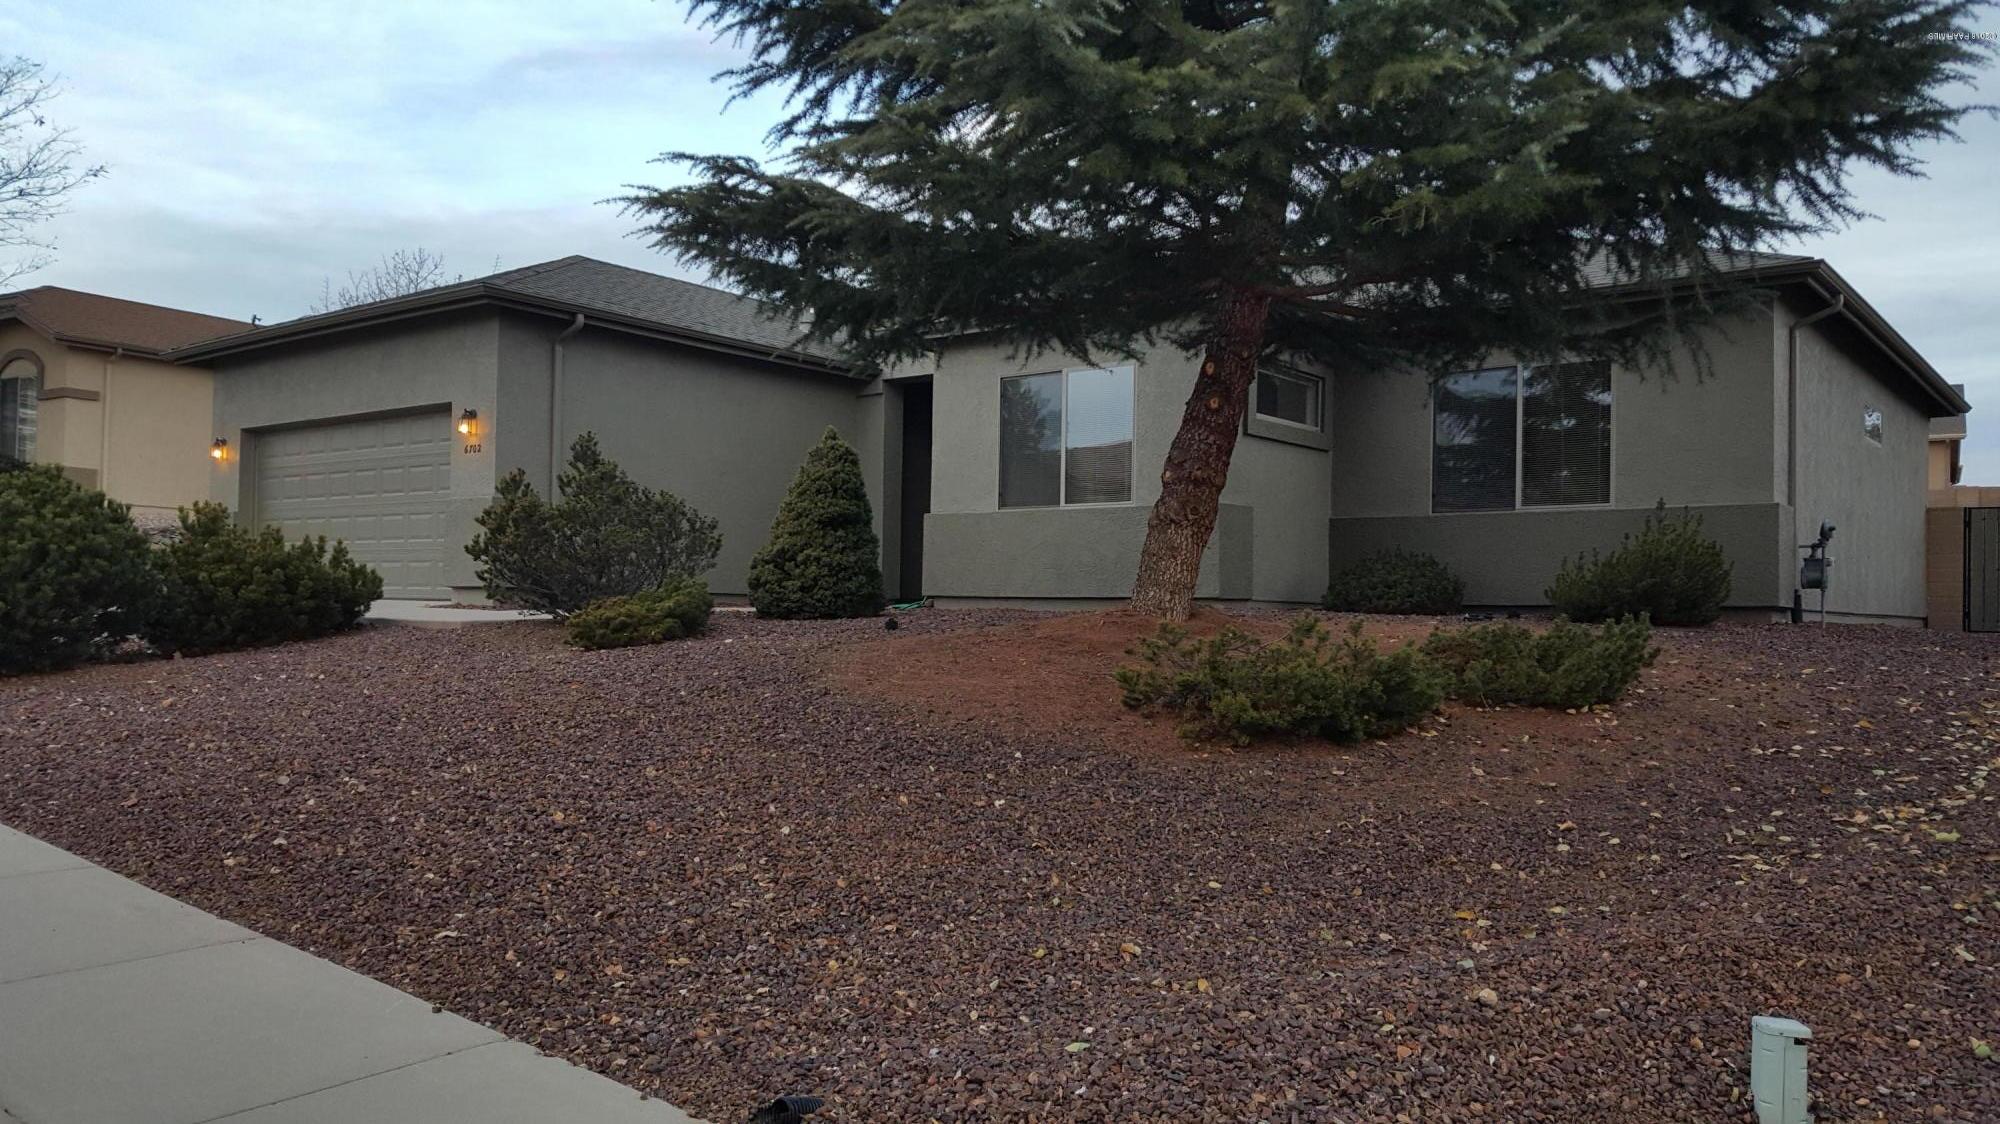 Photo of 6702 Mayflower, Prescott Valley, AZ 86314